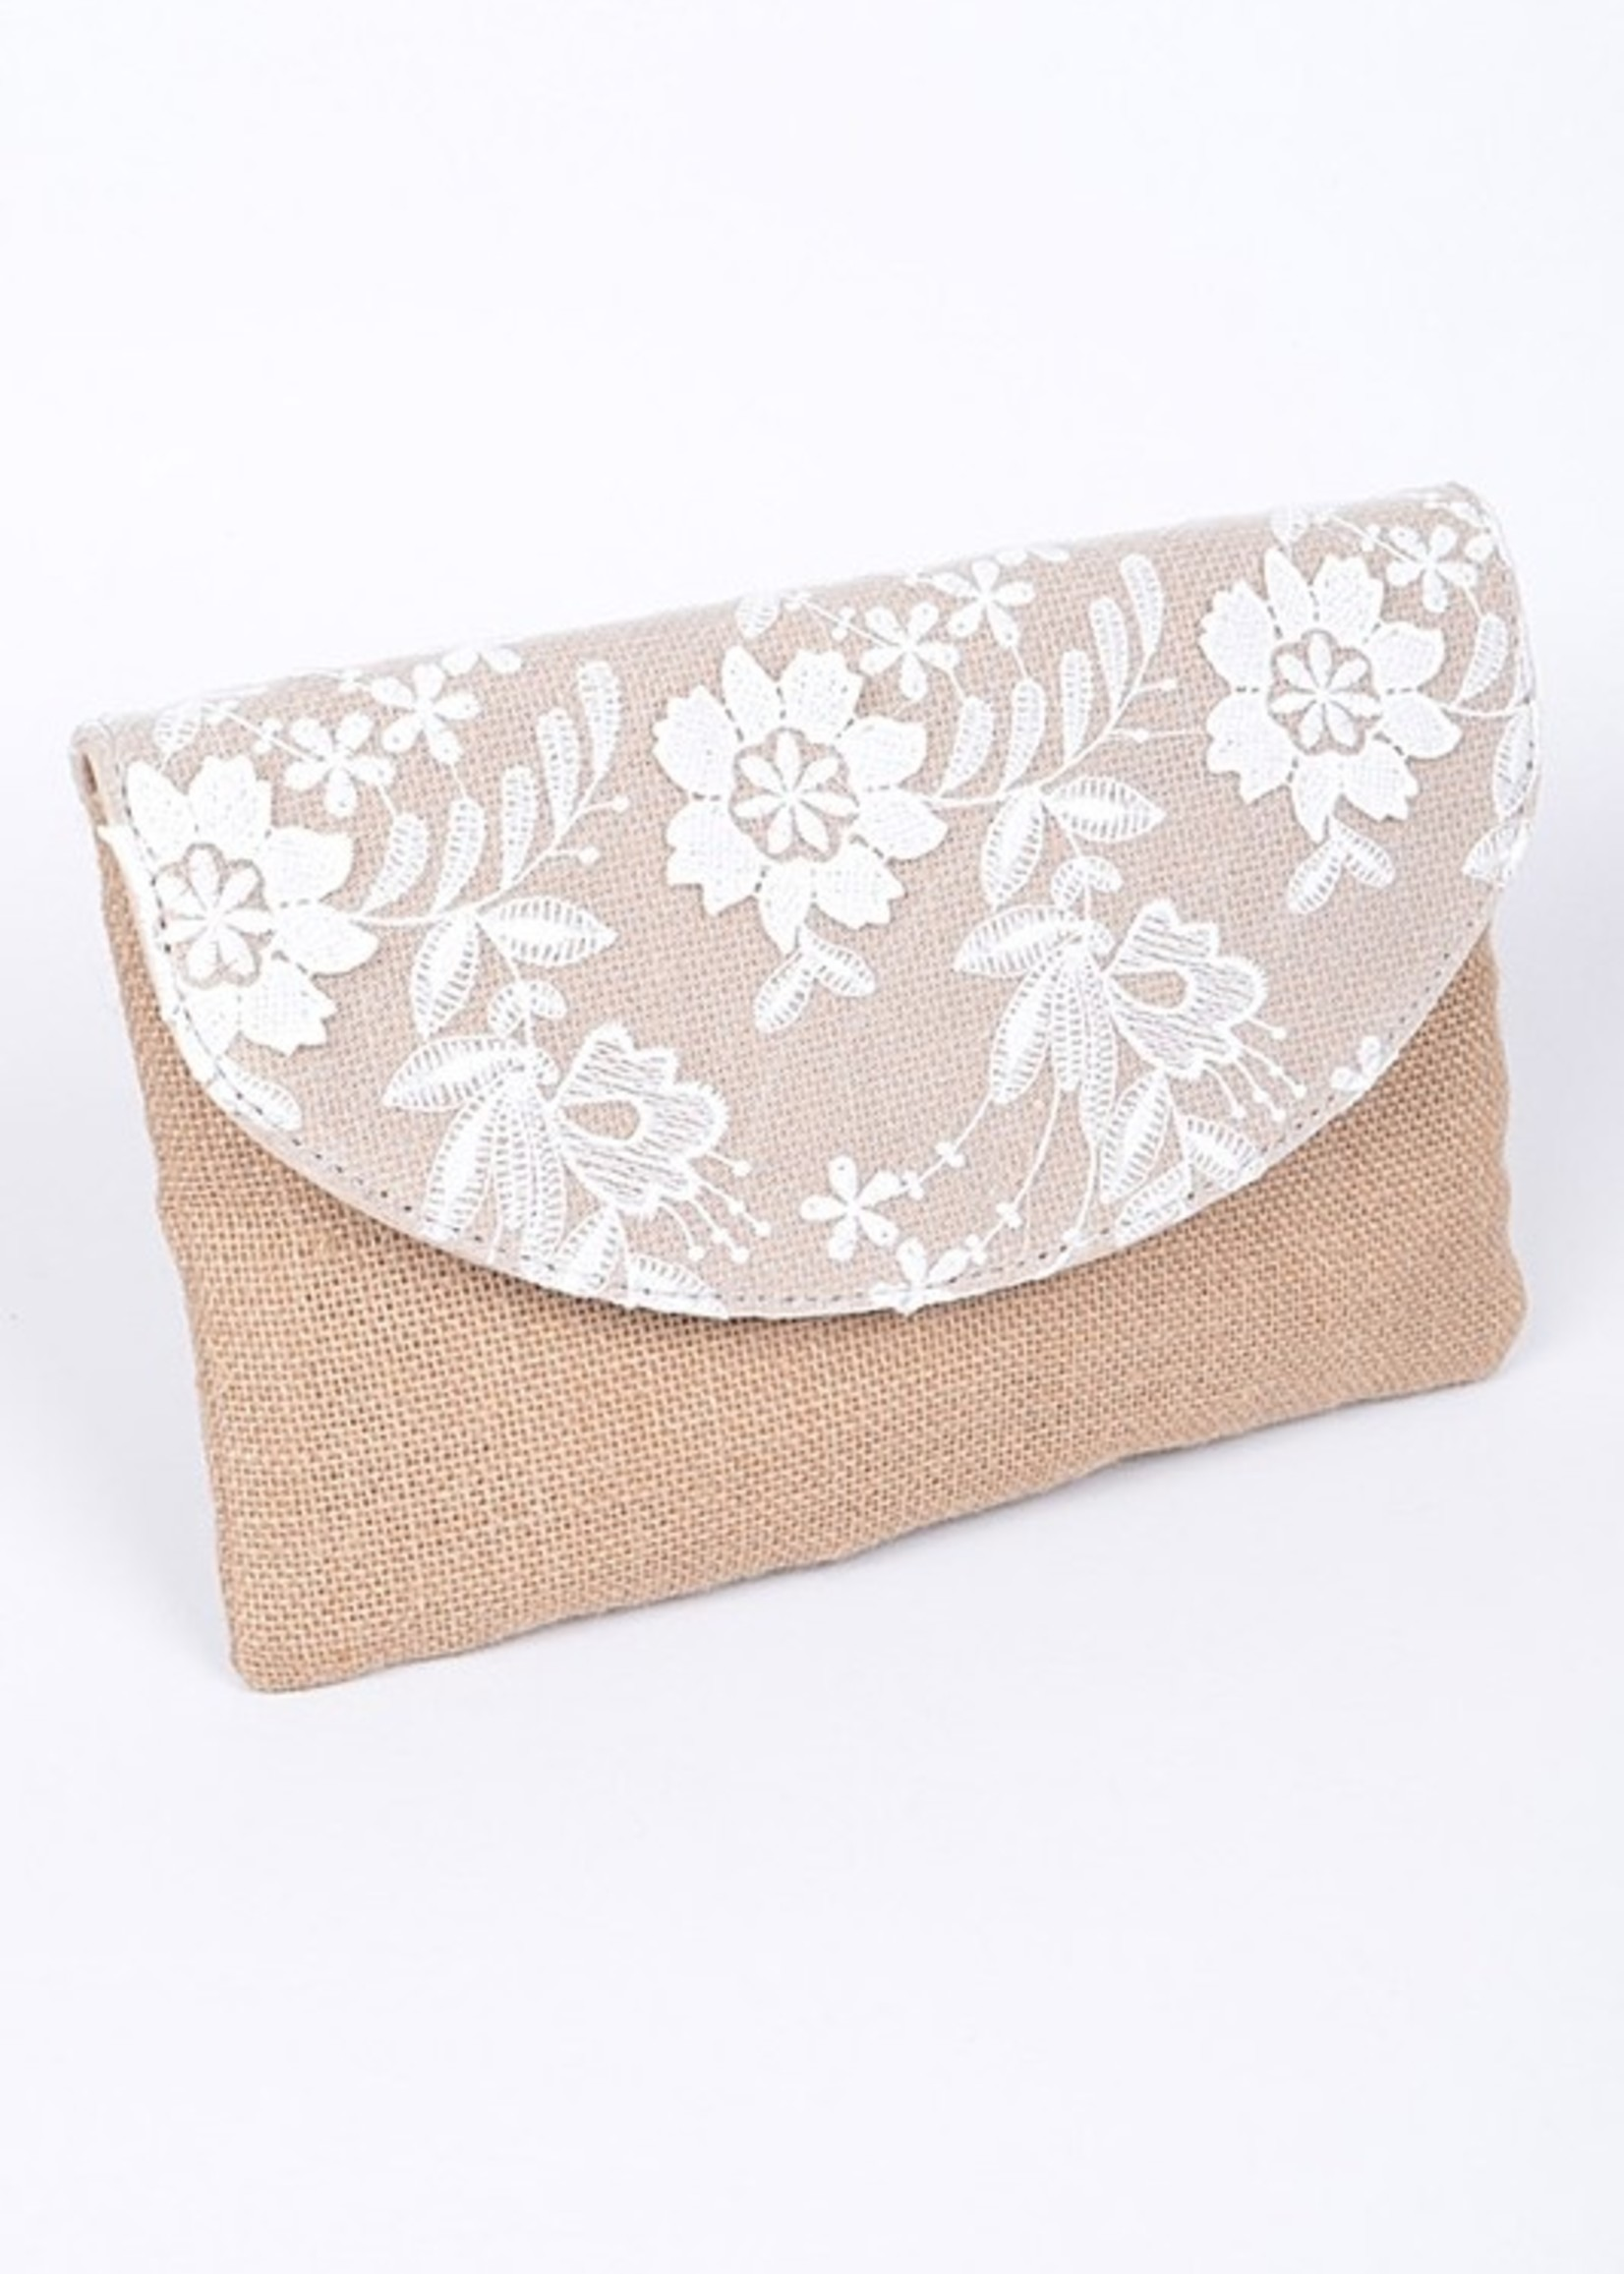 Straw floral clutch